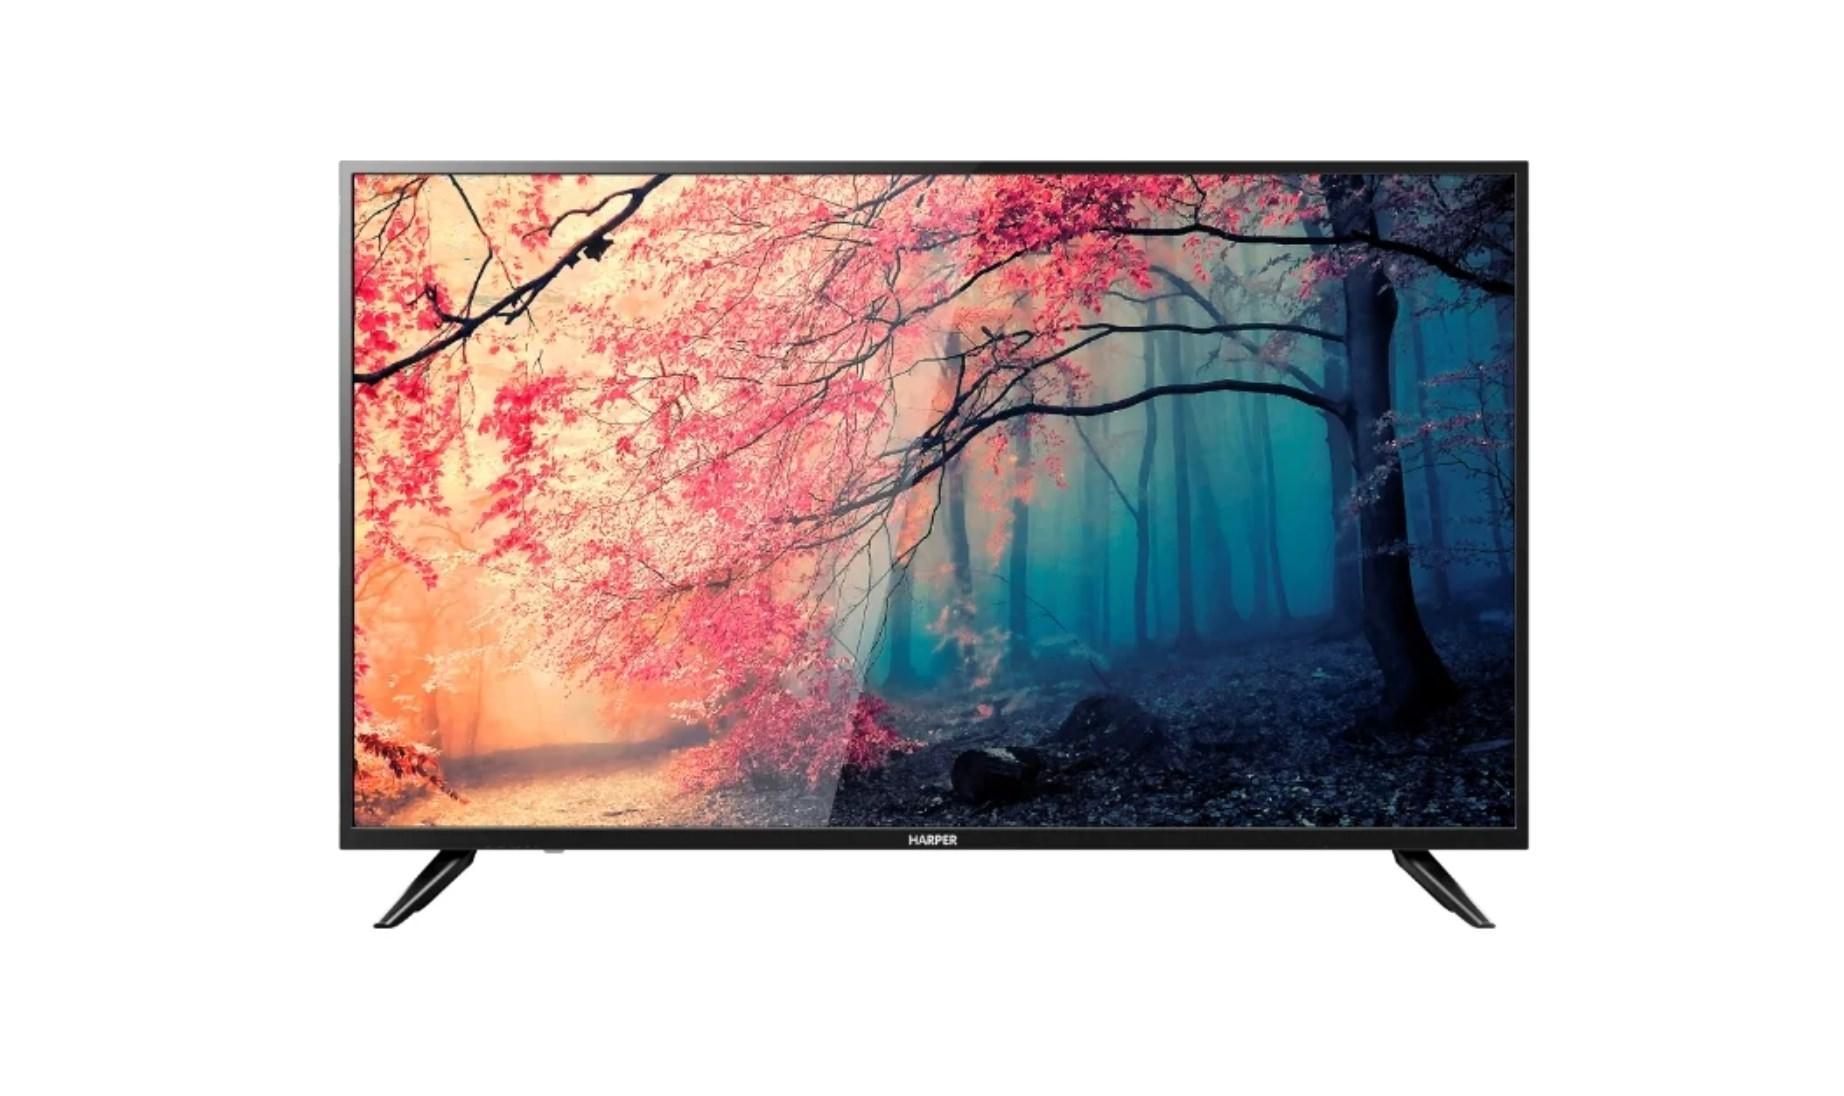 Телевизор наНовый год? 7 доступныхтелевизоров с4k разрешением